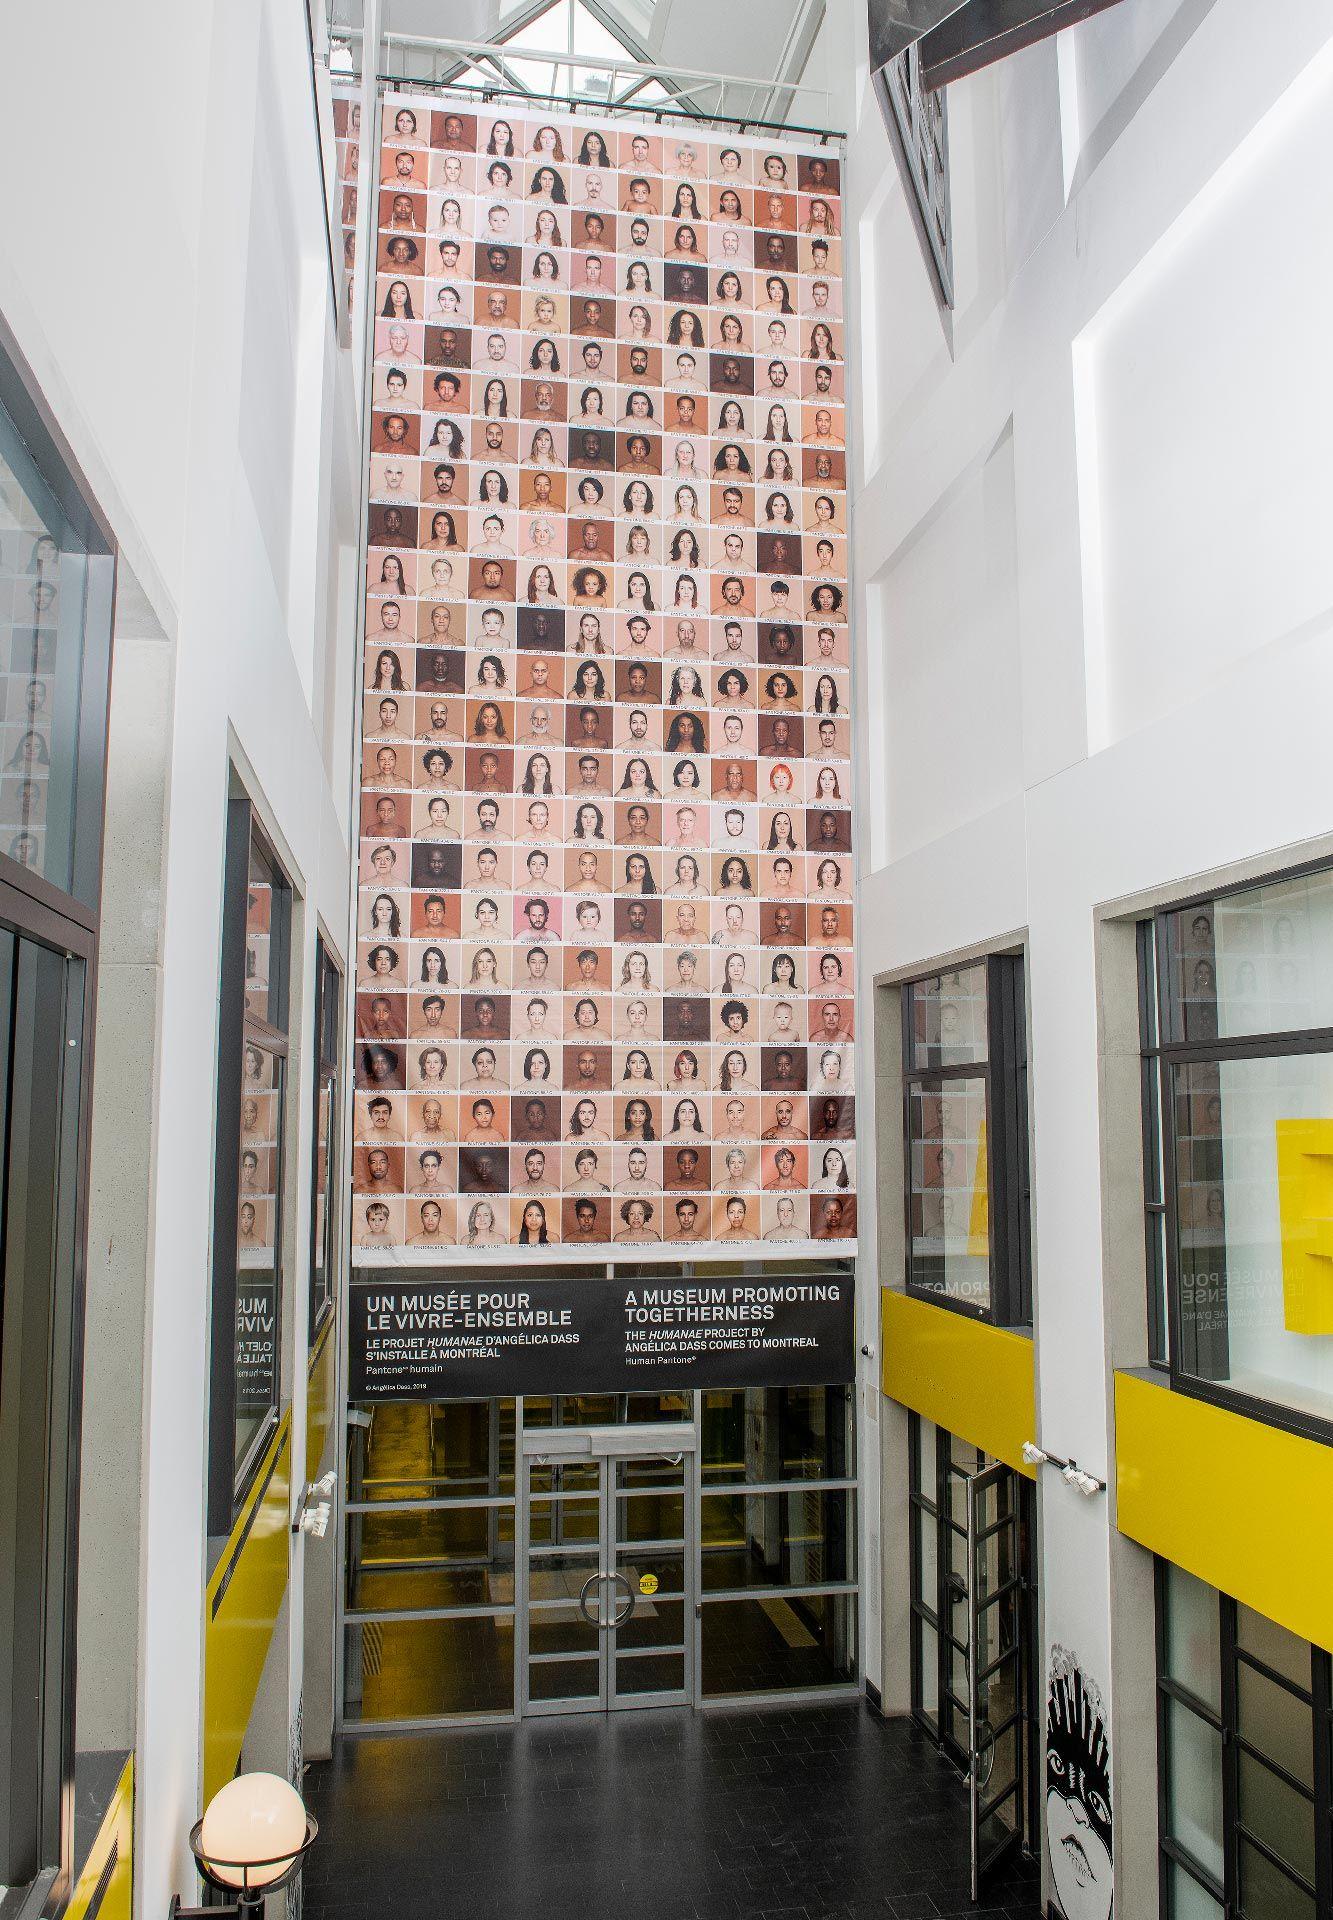 Humanae, création monumentale de la photographe brésilienne Angélica Dass